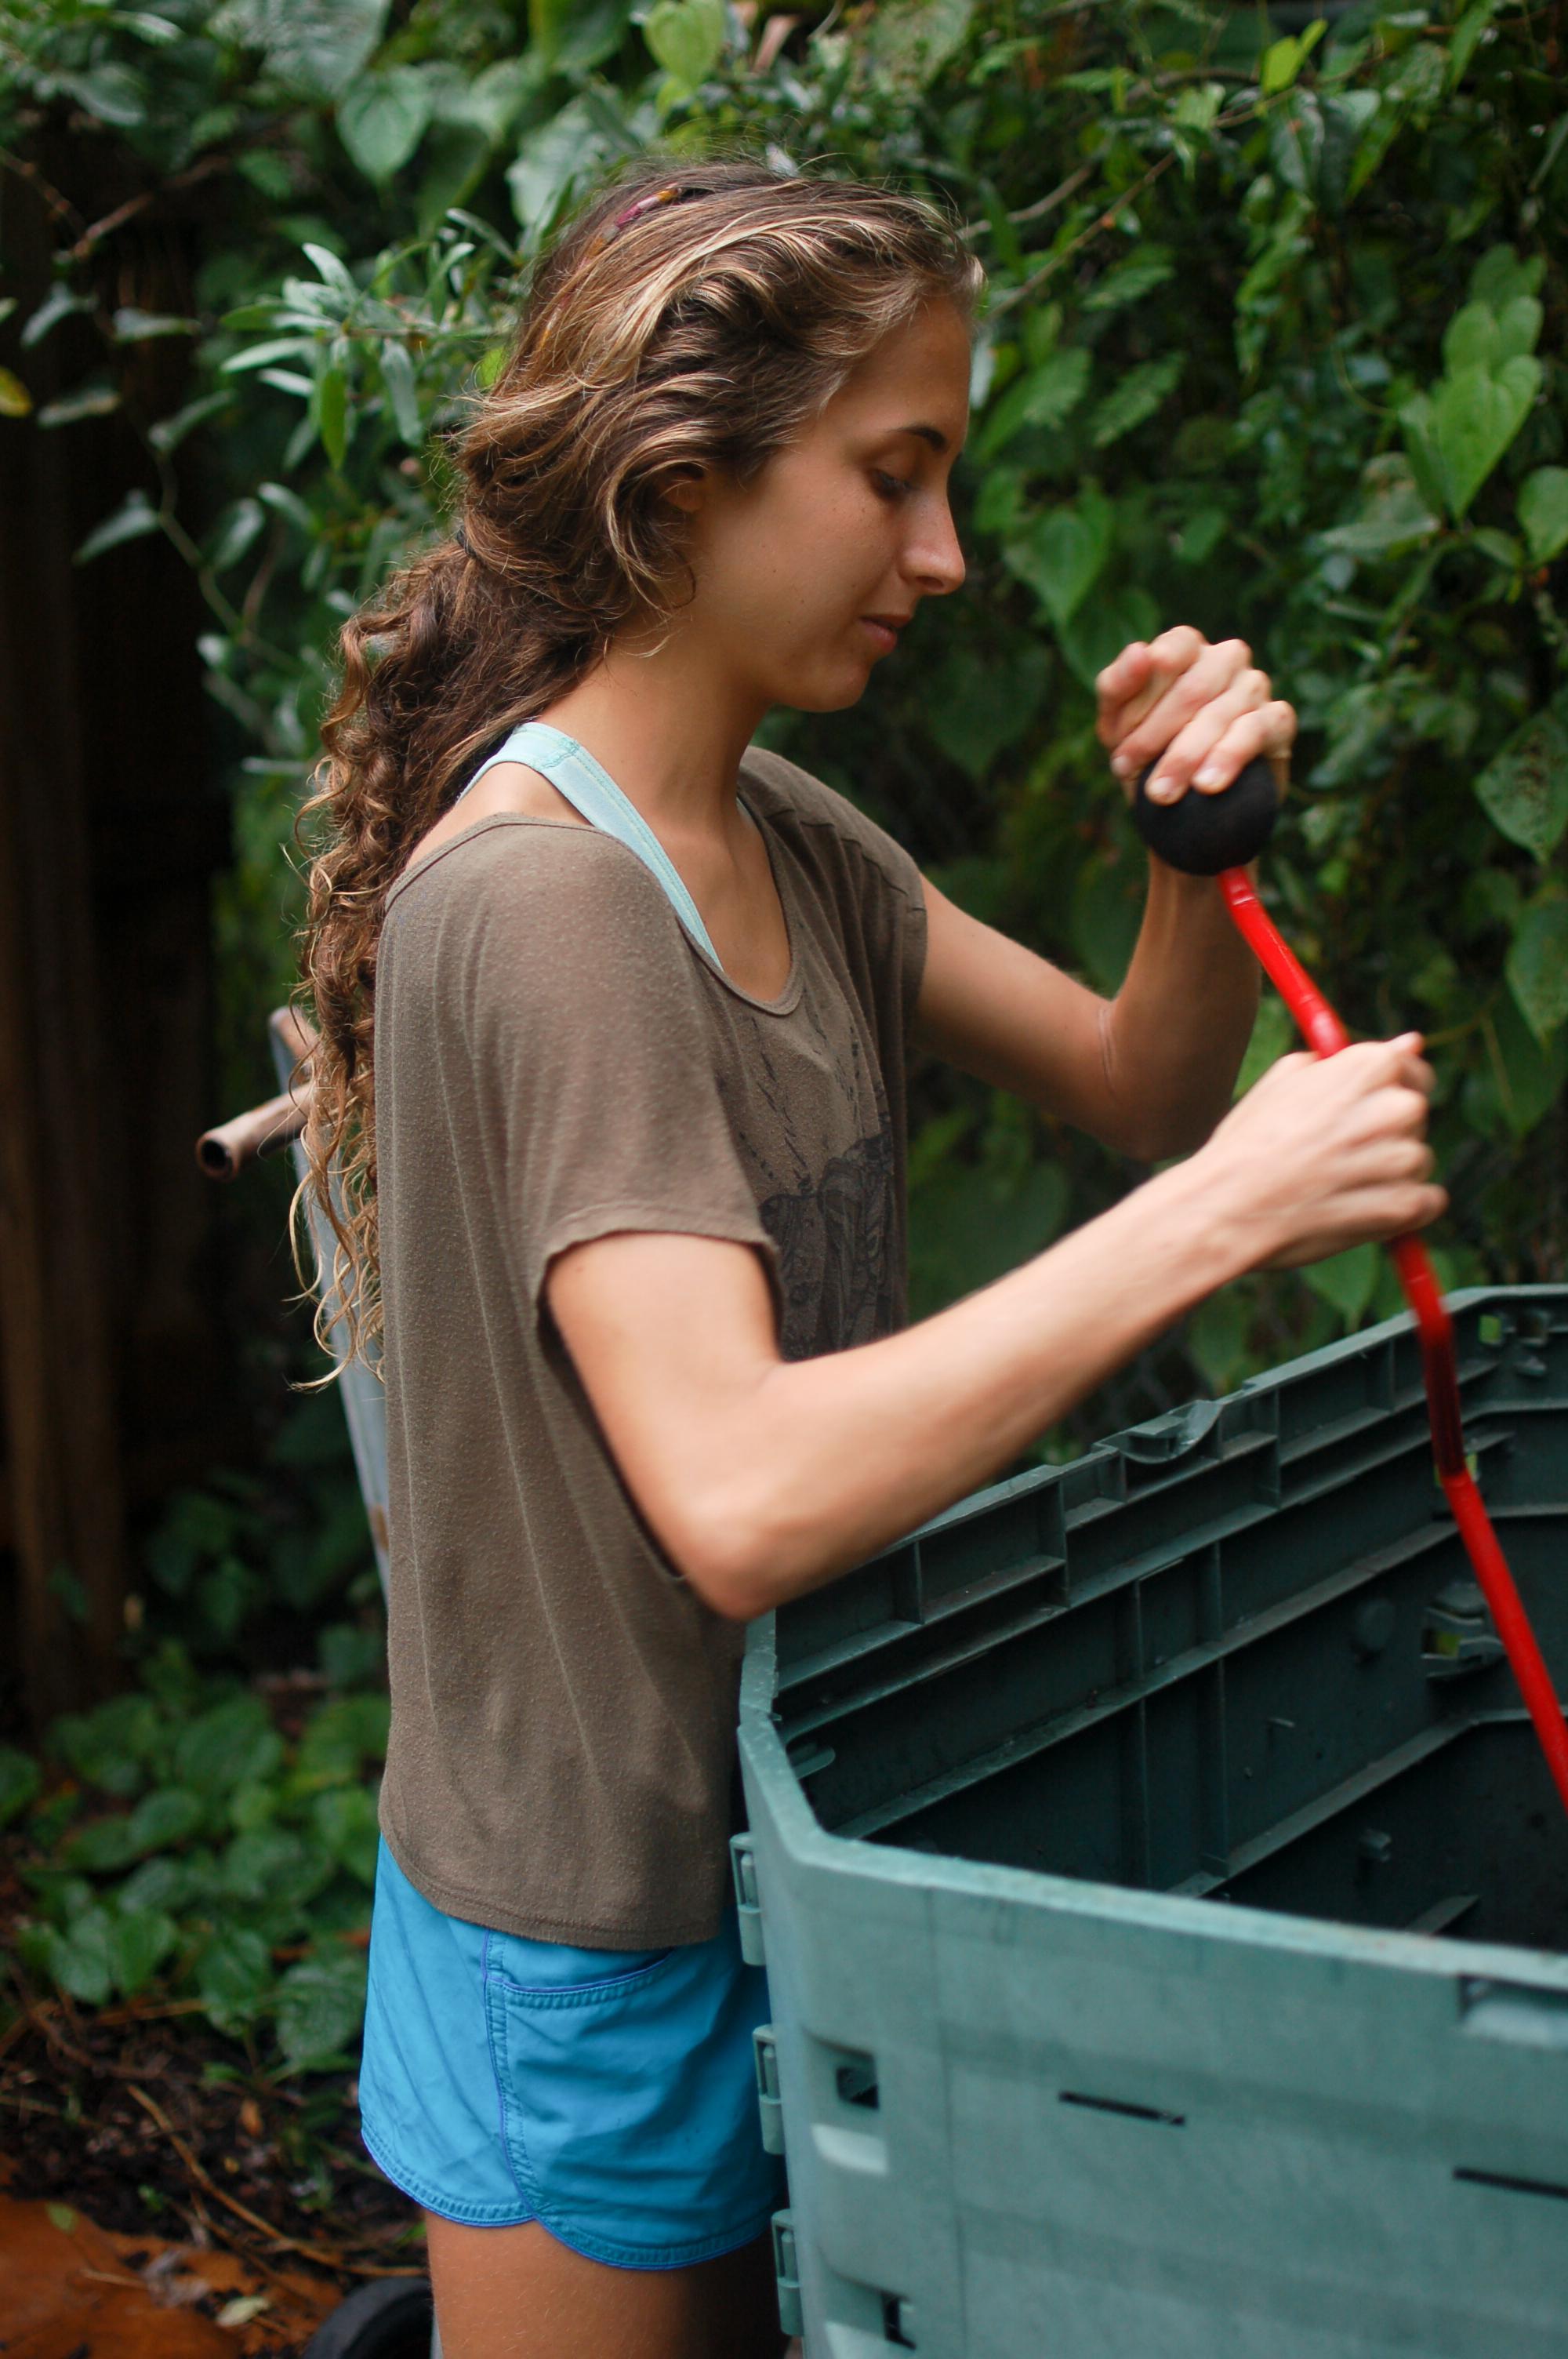 i 4 - compost - allegra nolan - photos-5830.jpg